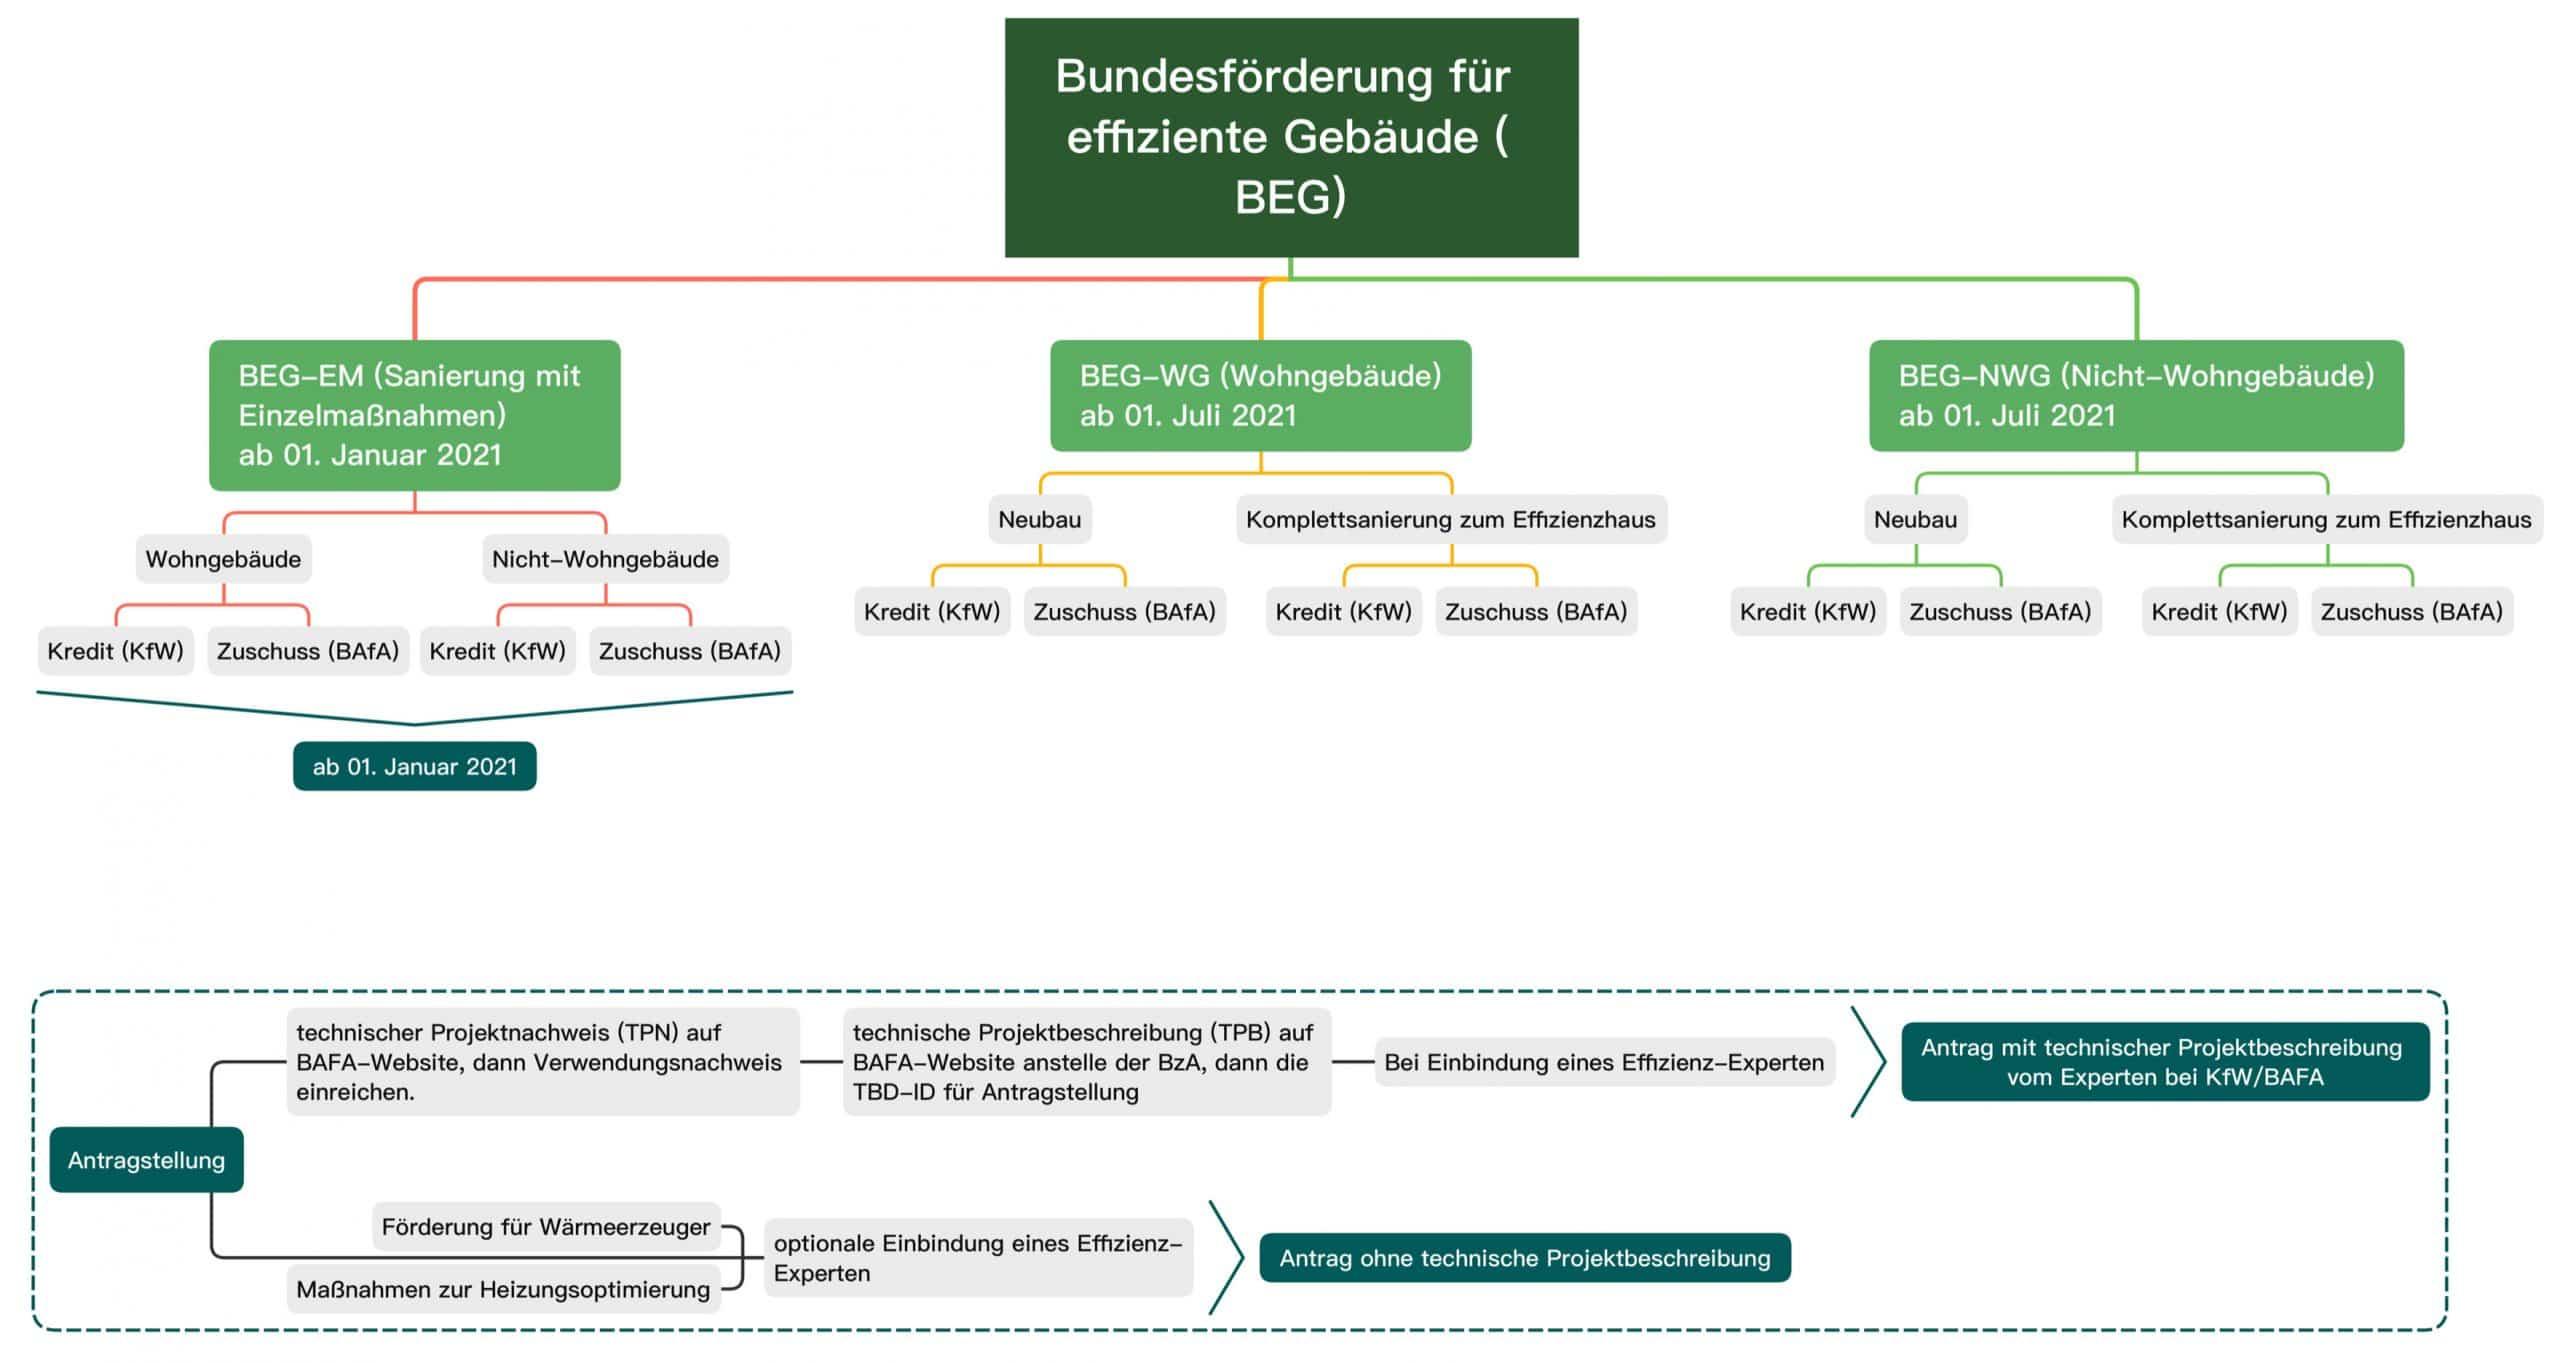 Bundesförderung für effiziente Gebäude_Überblick_Struktur